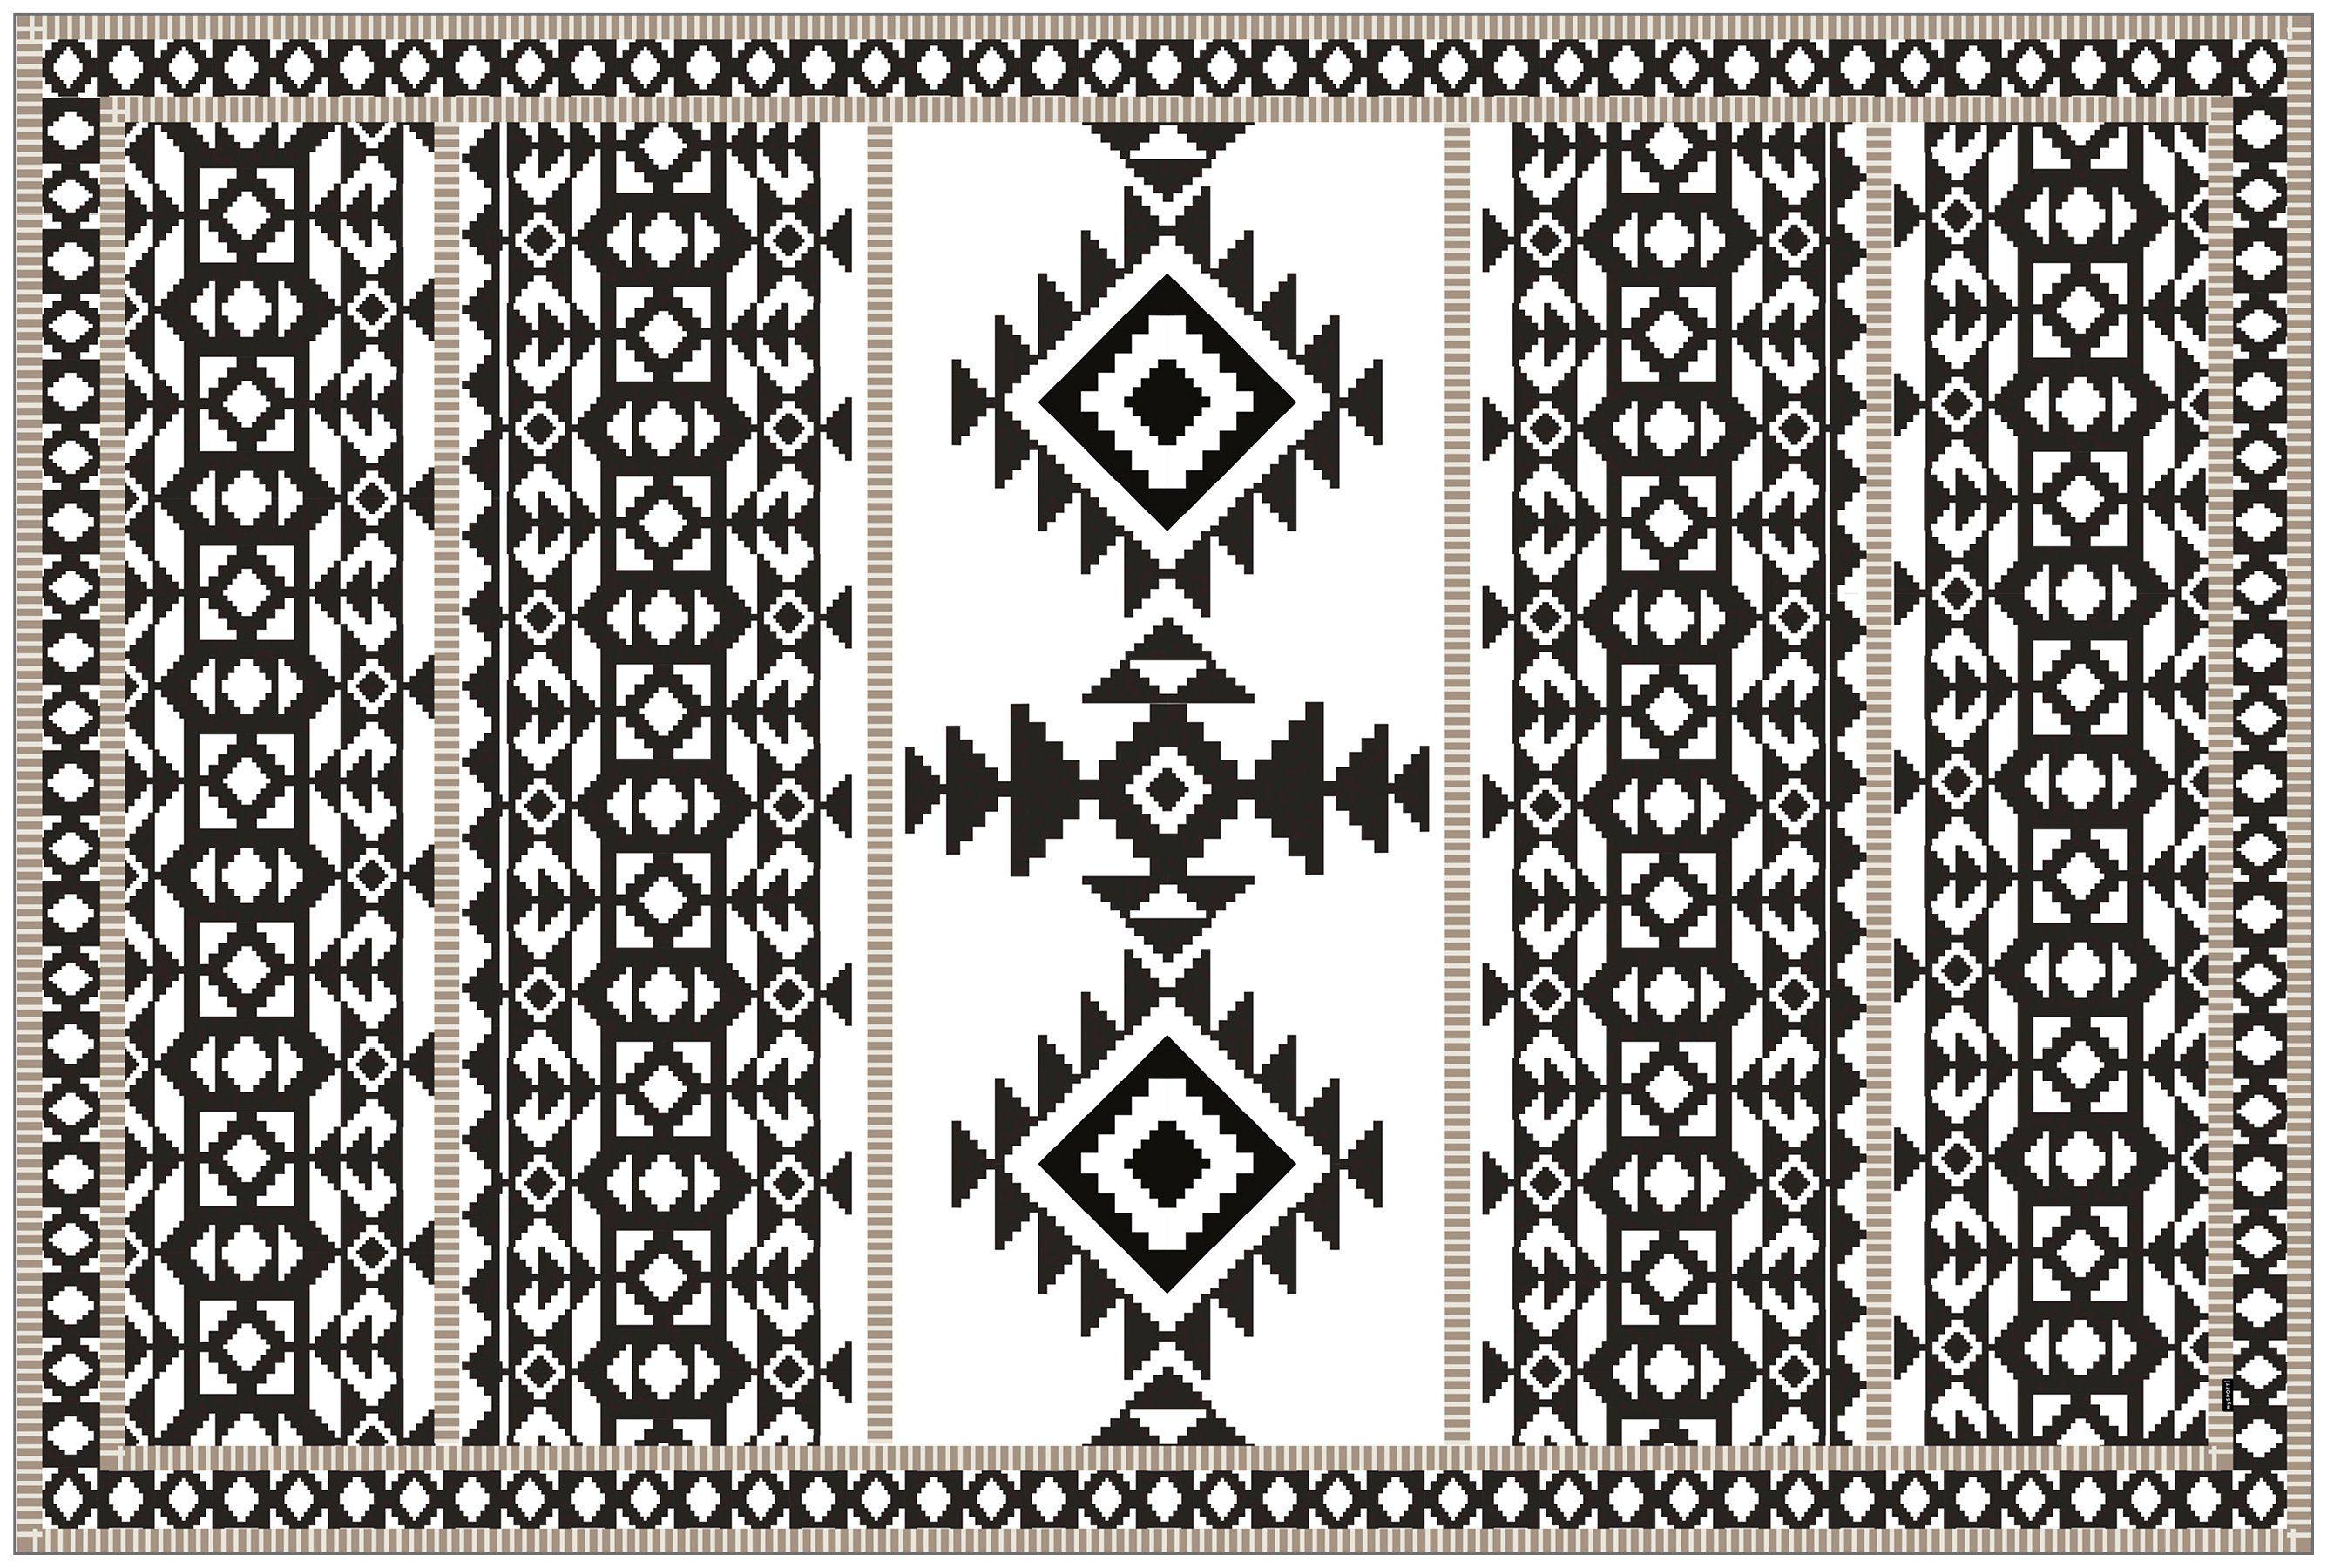 MYSPOTTI Vinylteppich »mySPOTTI buddy Django«, 203 x 136 cm, statisch haftend